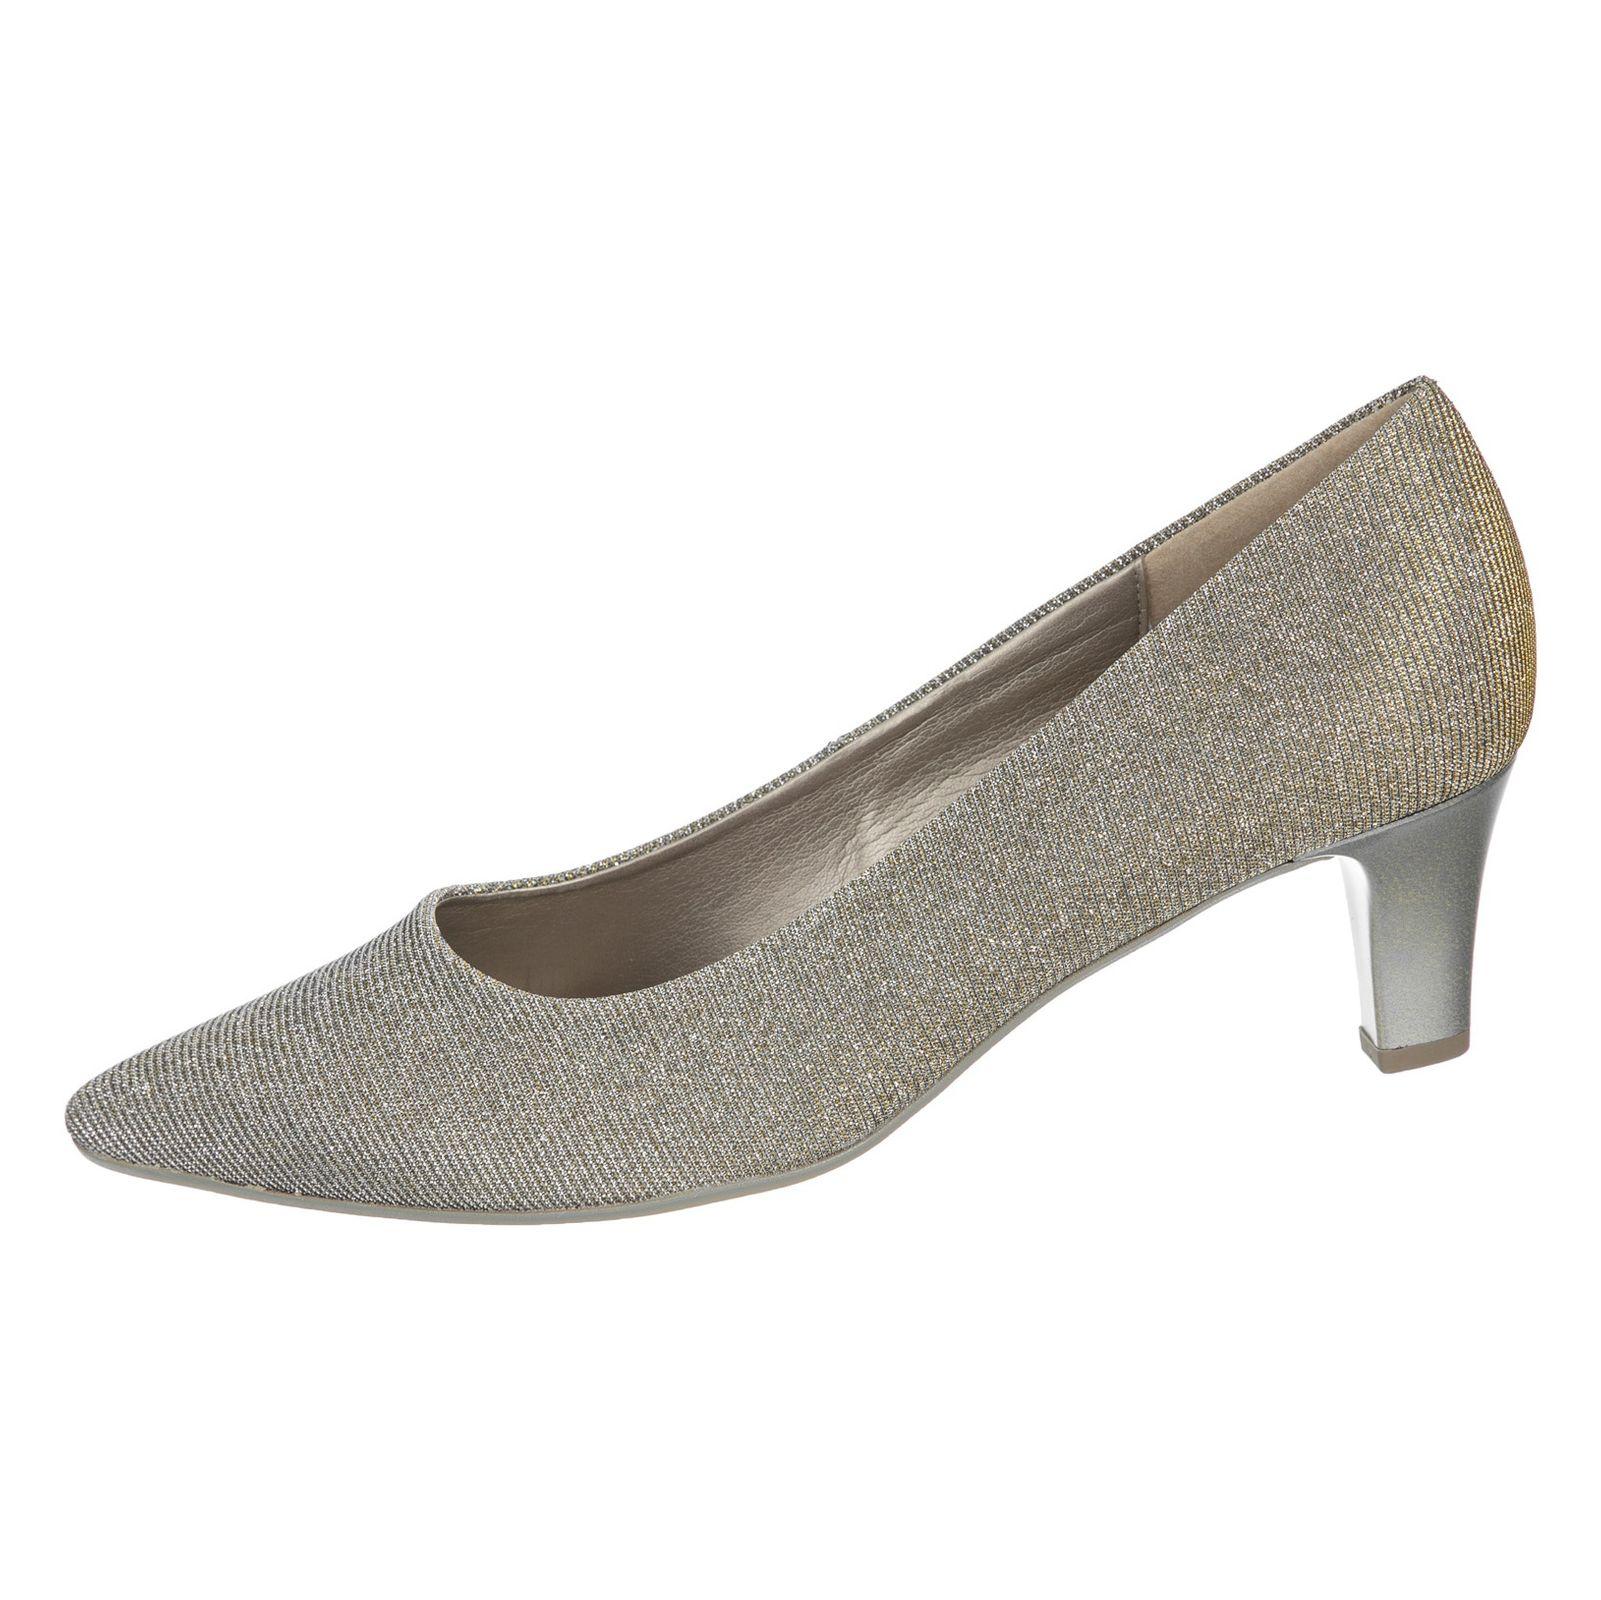 کفش زنانه گابور مدل 81.250.62 main 1 1